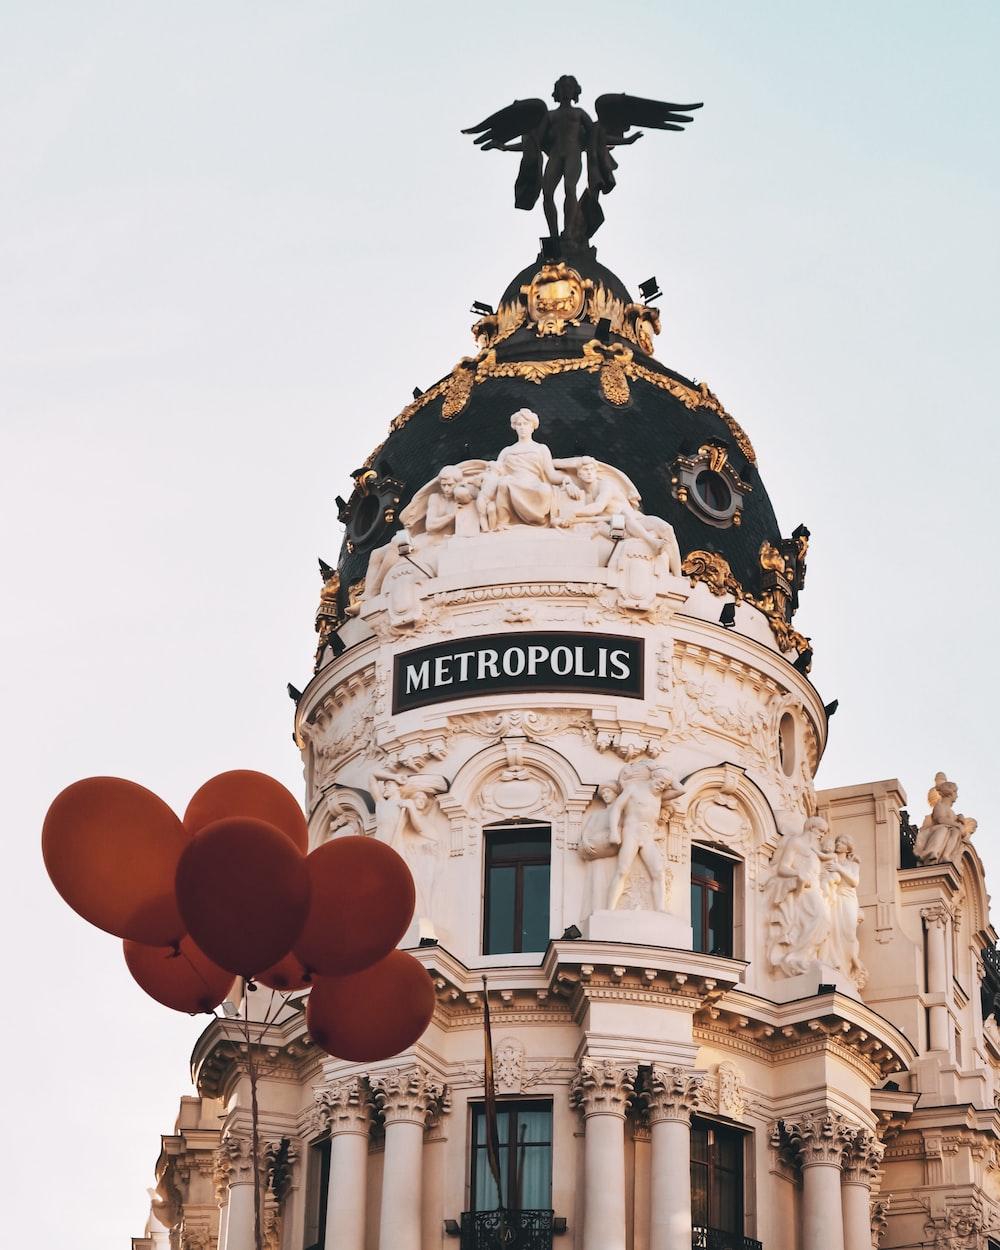 Metropilis tower